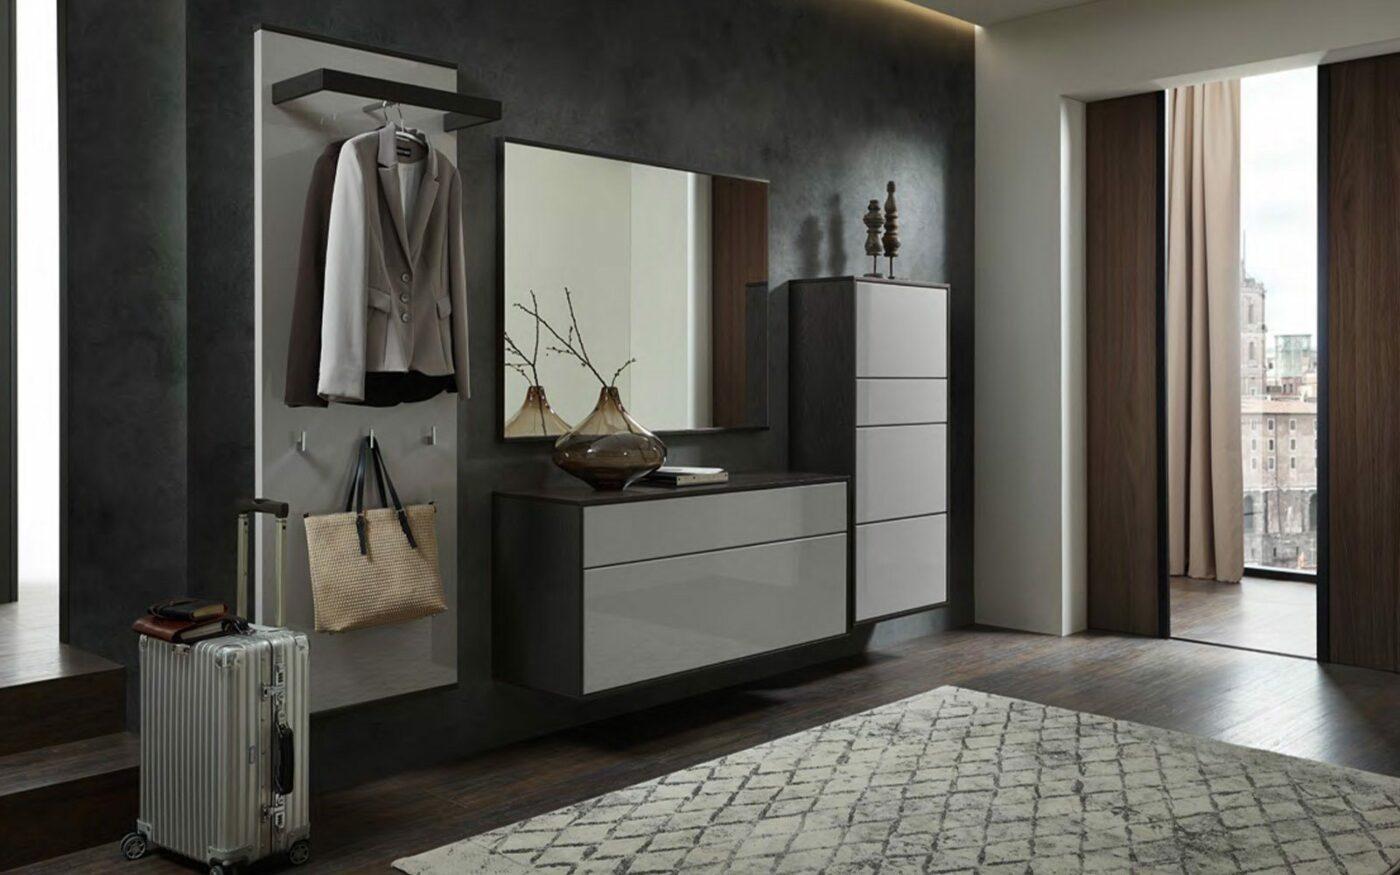 RMW Wohnbeispiel: Minimalistische Garderobe für Ihren Flur